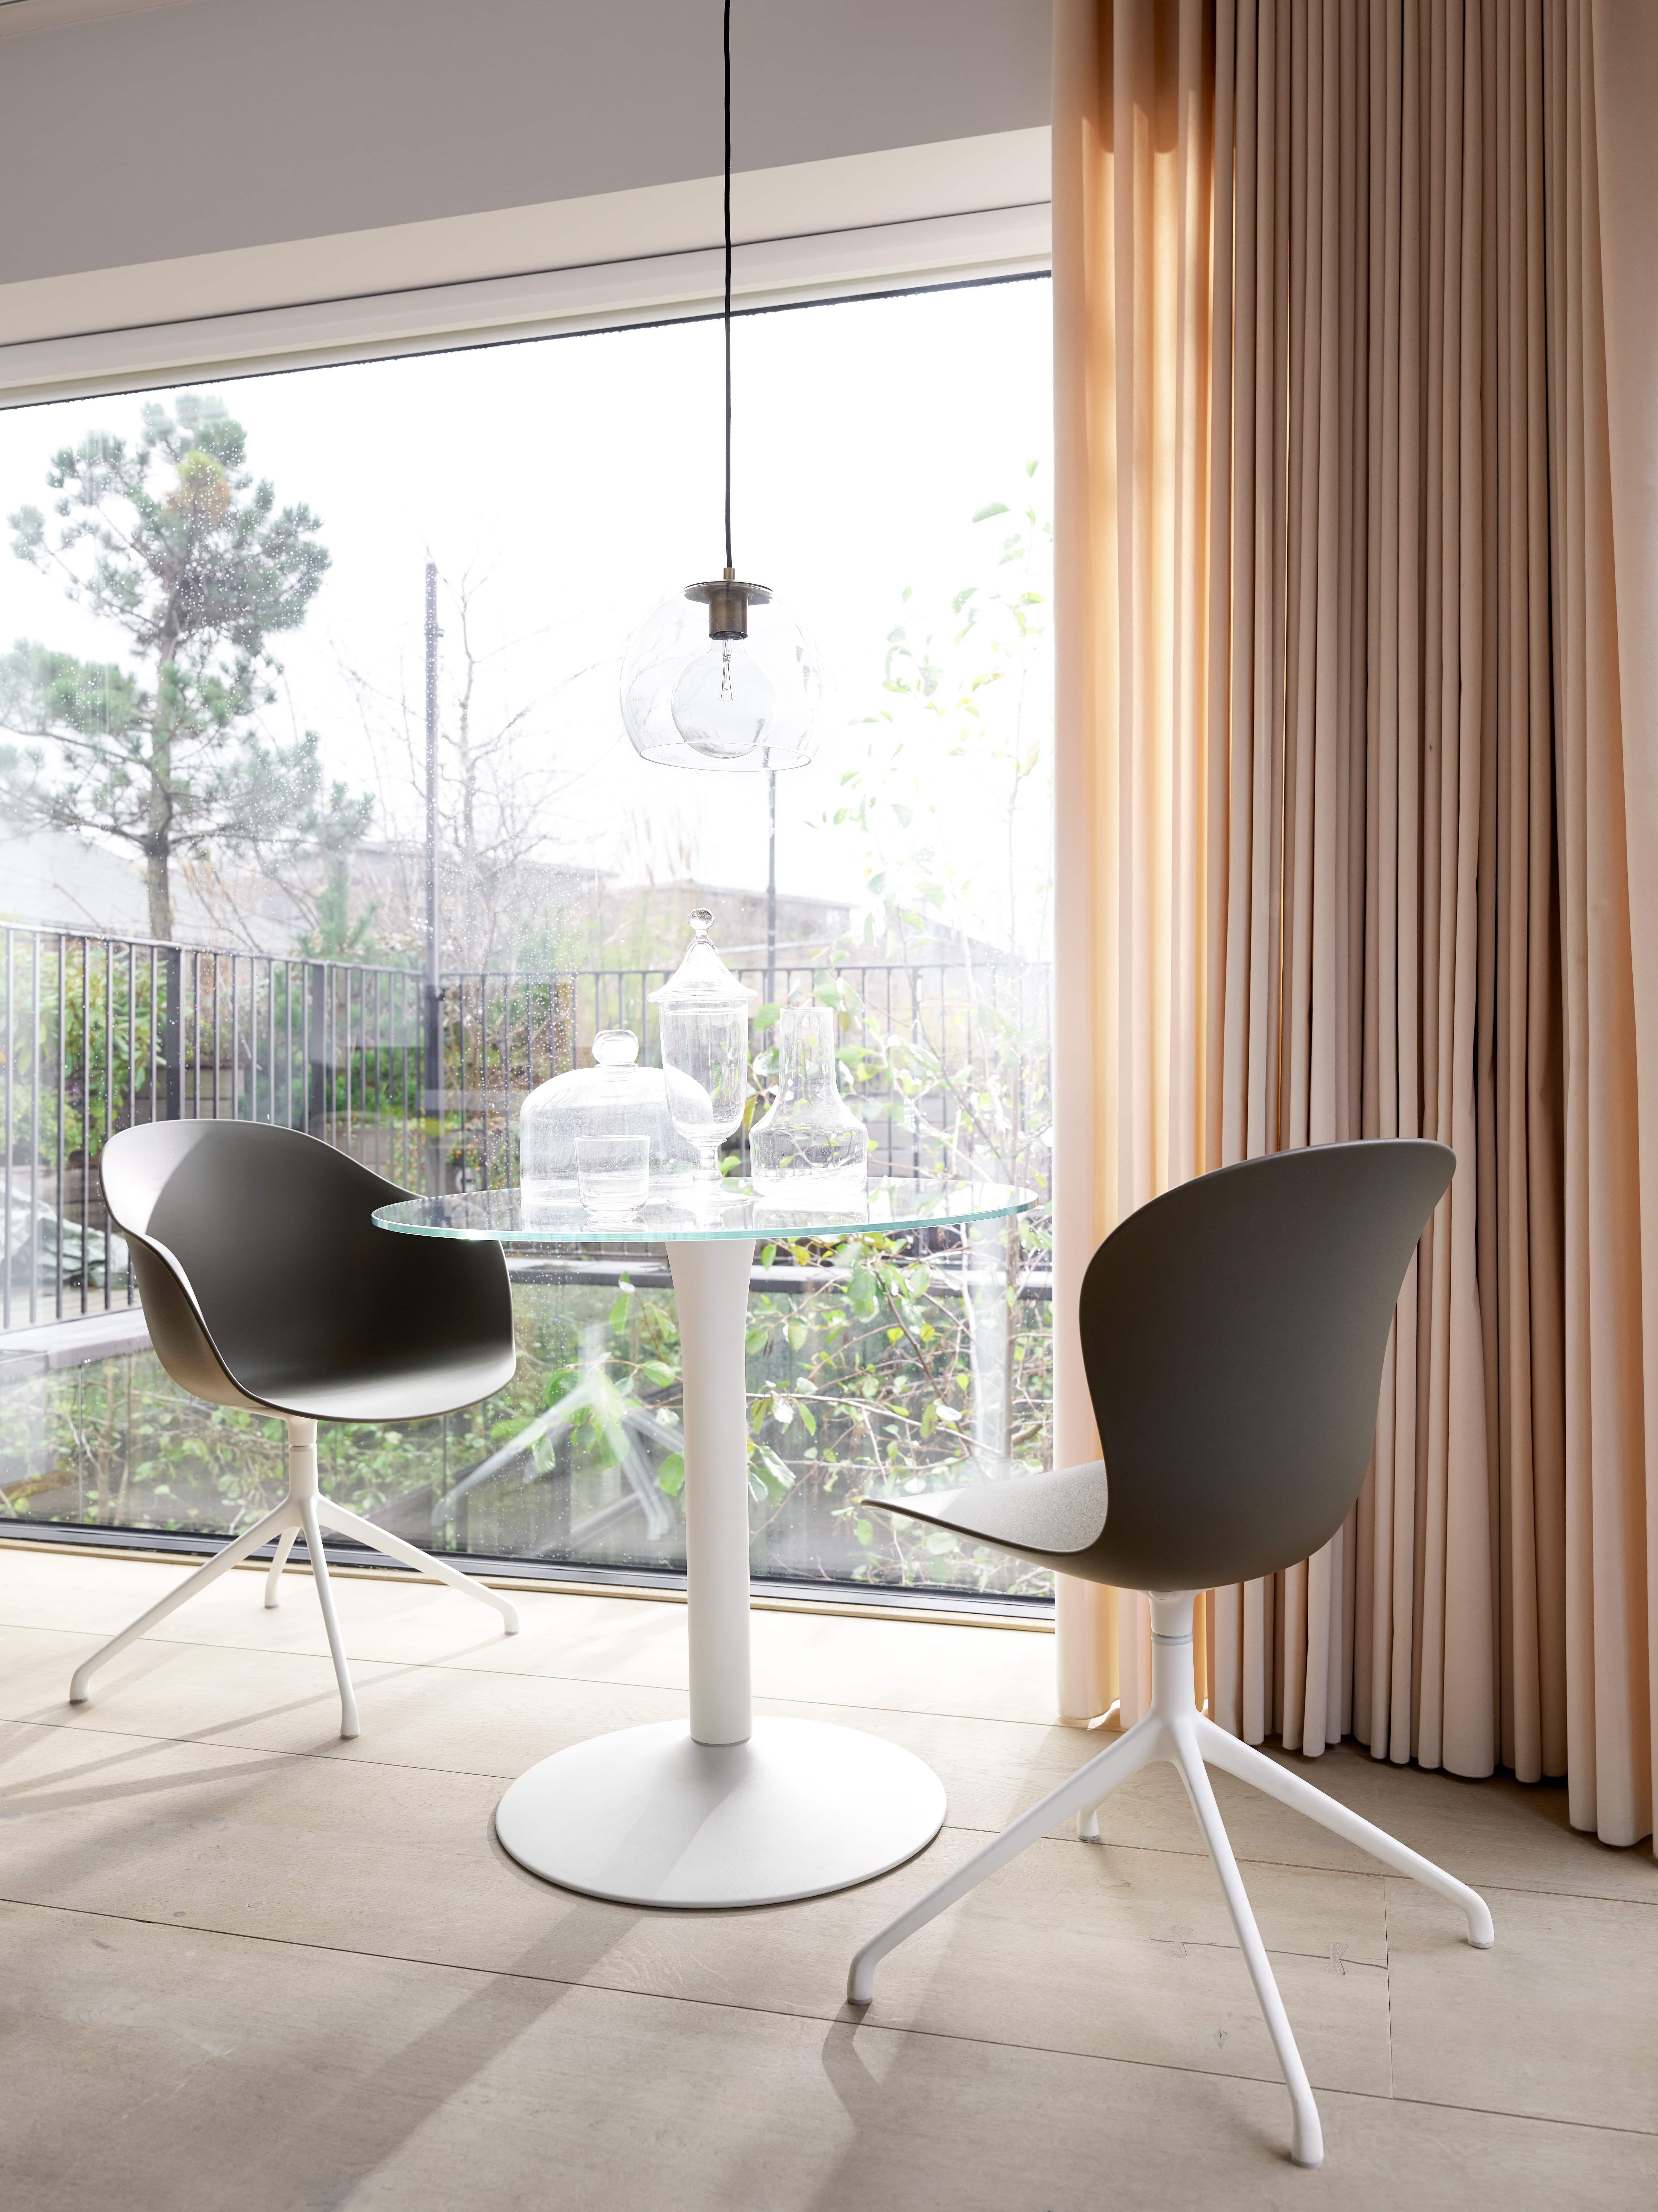 Wunderbar Ideen Für Redoing Küchentisch Und Stühle Bilder Ideen